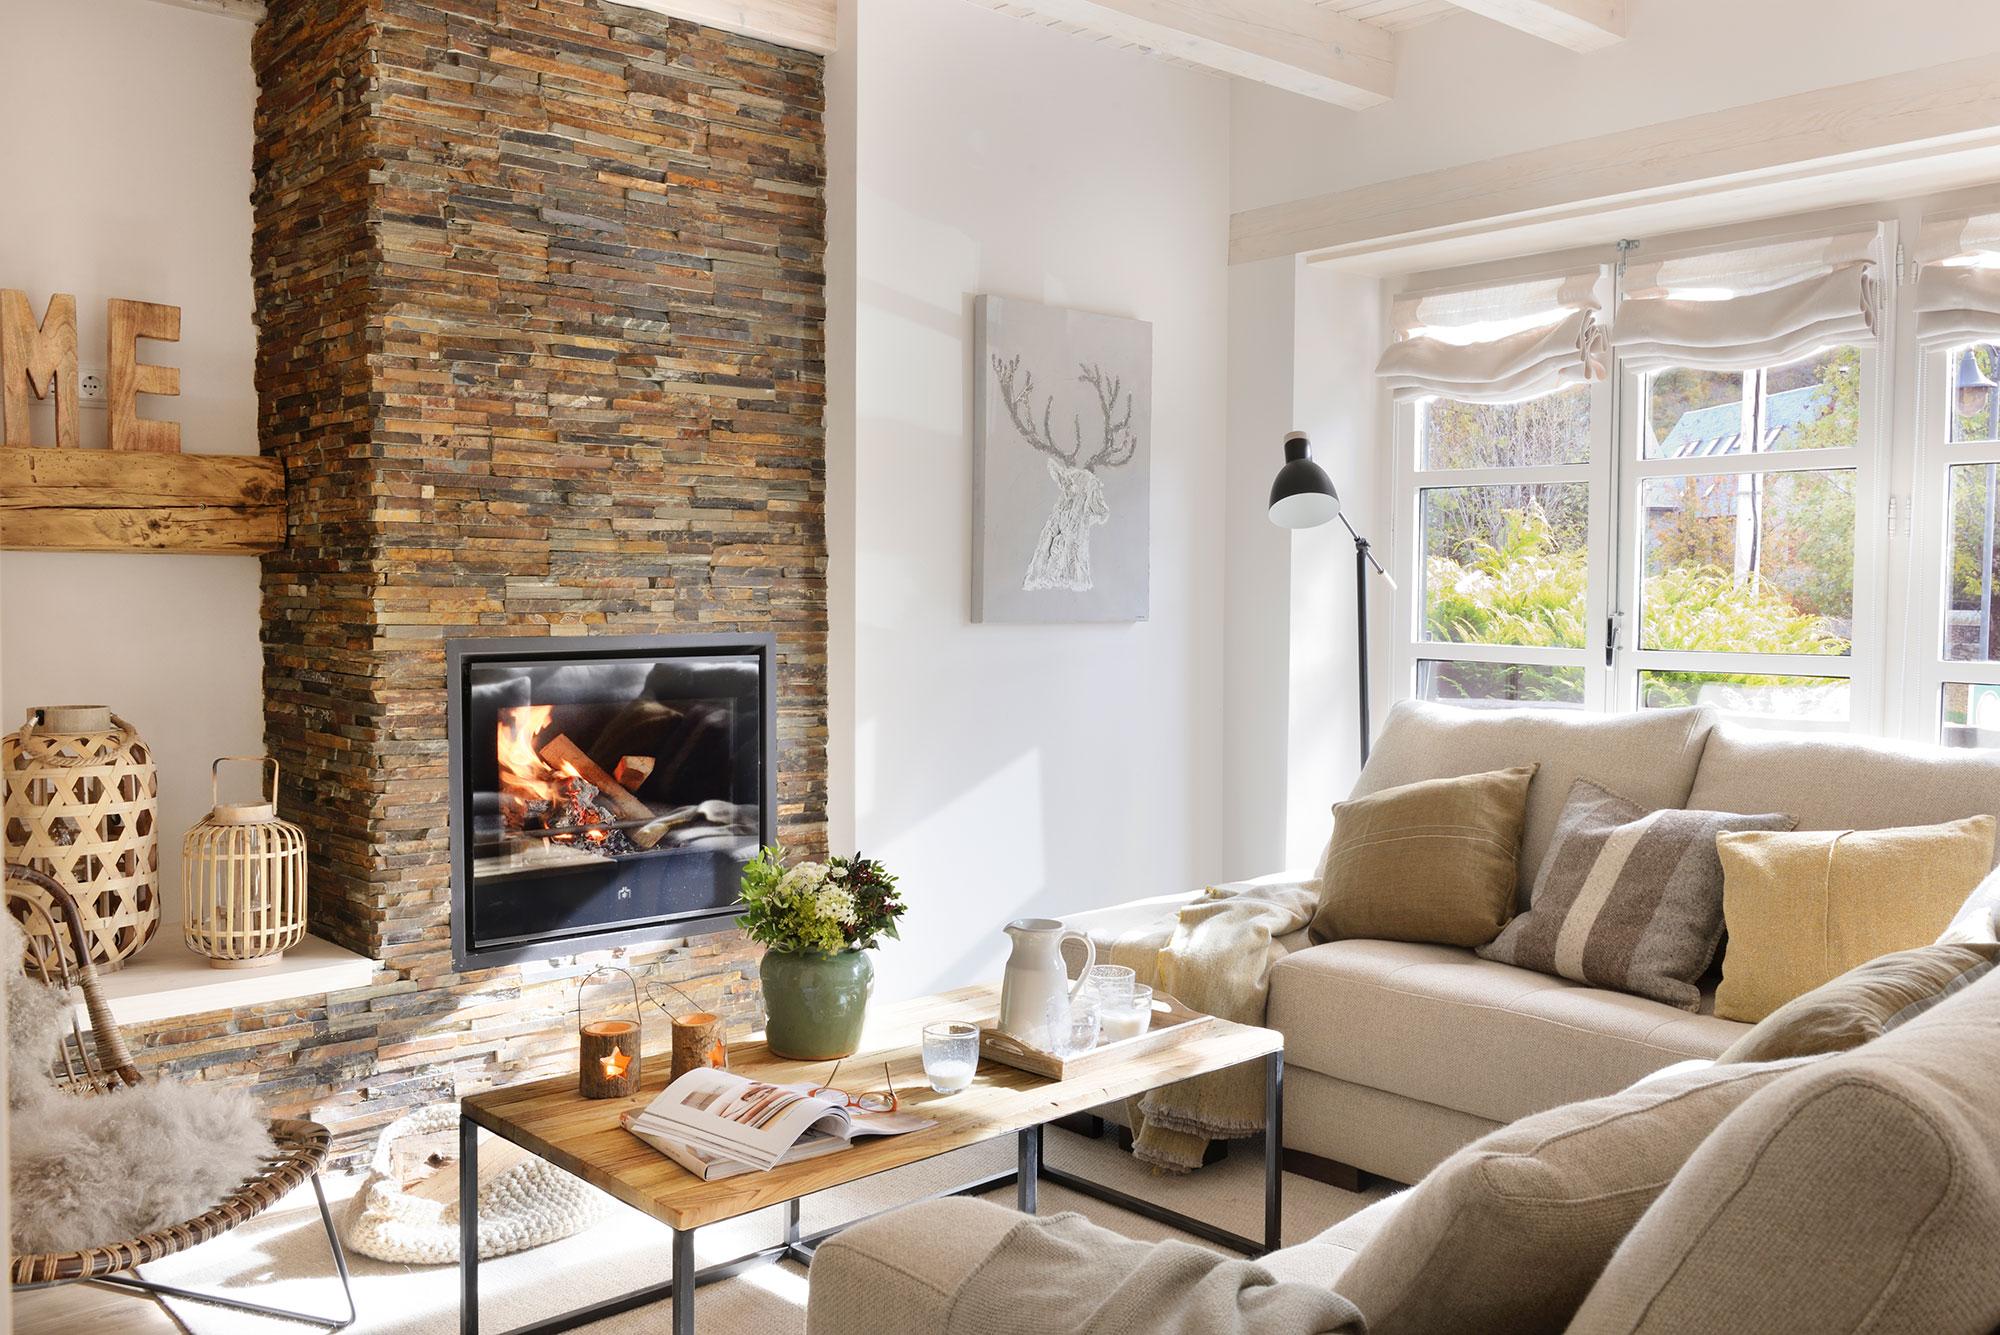 15 salones r sticos c lidos y con muy buenas ideas for Aplicaciones de decoracion de interiores